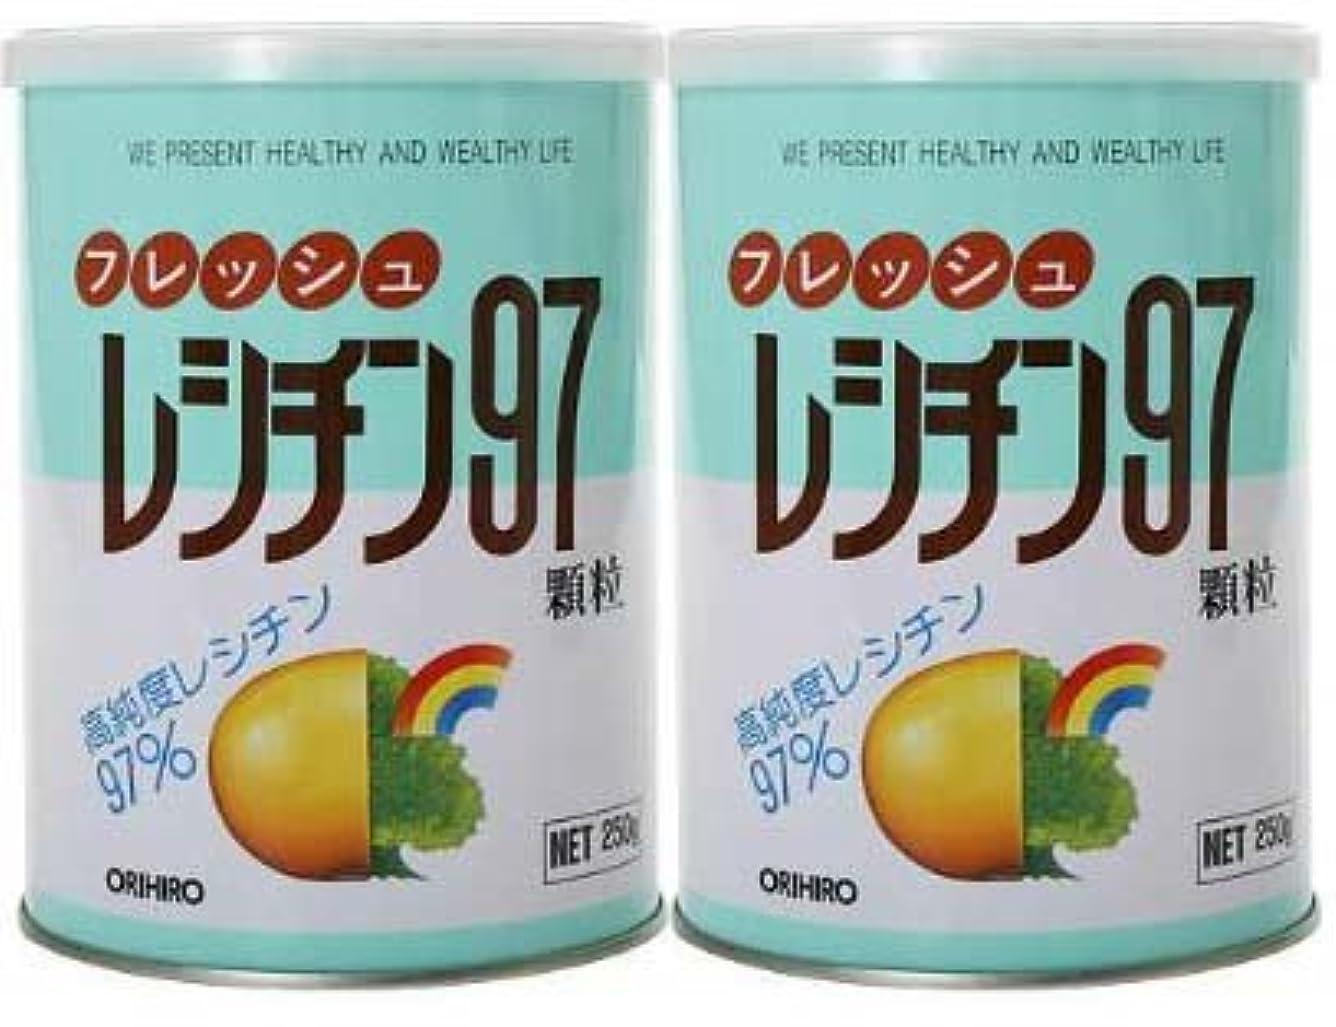 講義気まぐれな犬オリヒロ フレッシュレシチン97 250g【2缶セット】